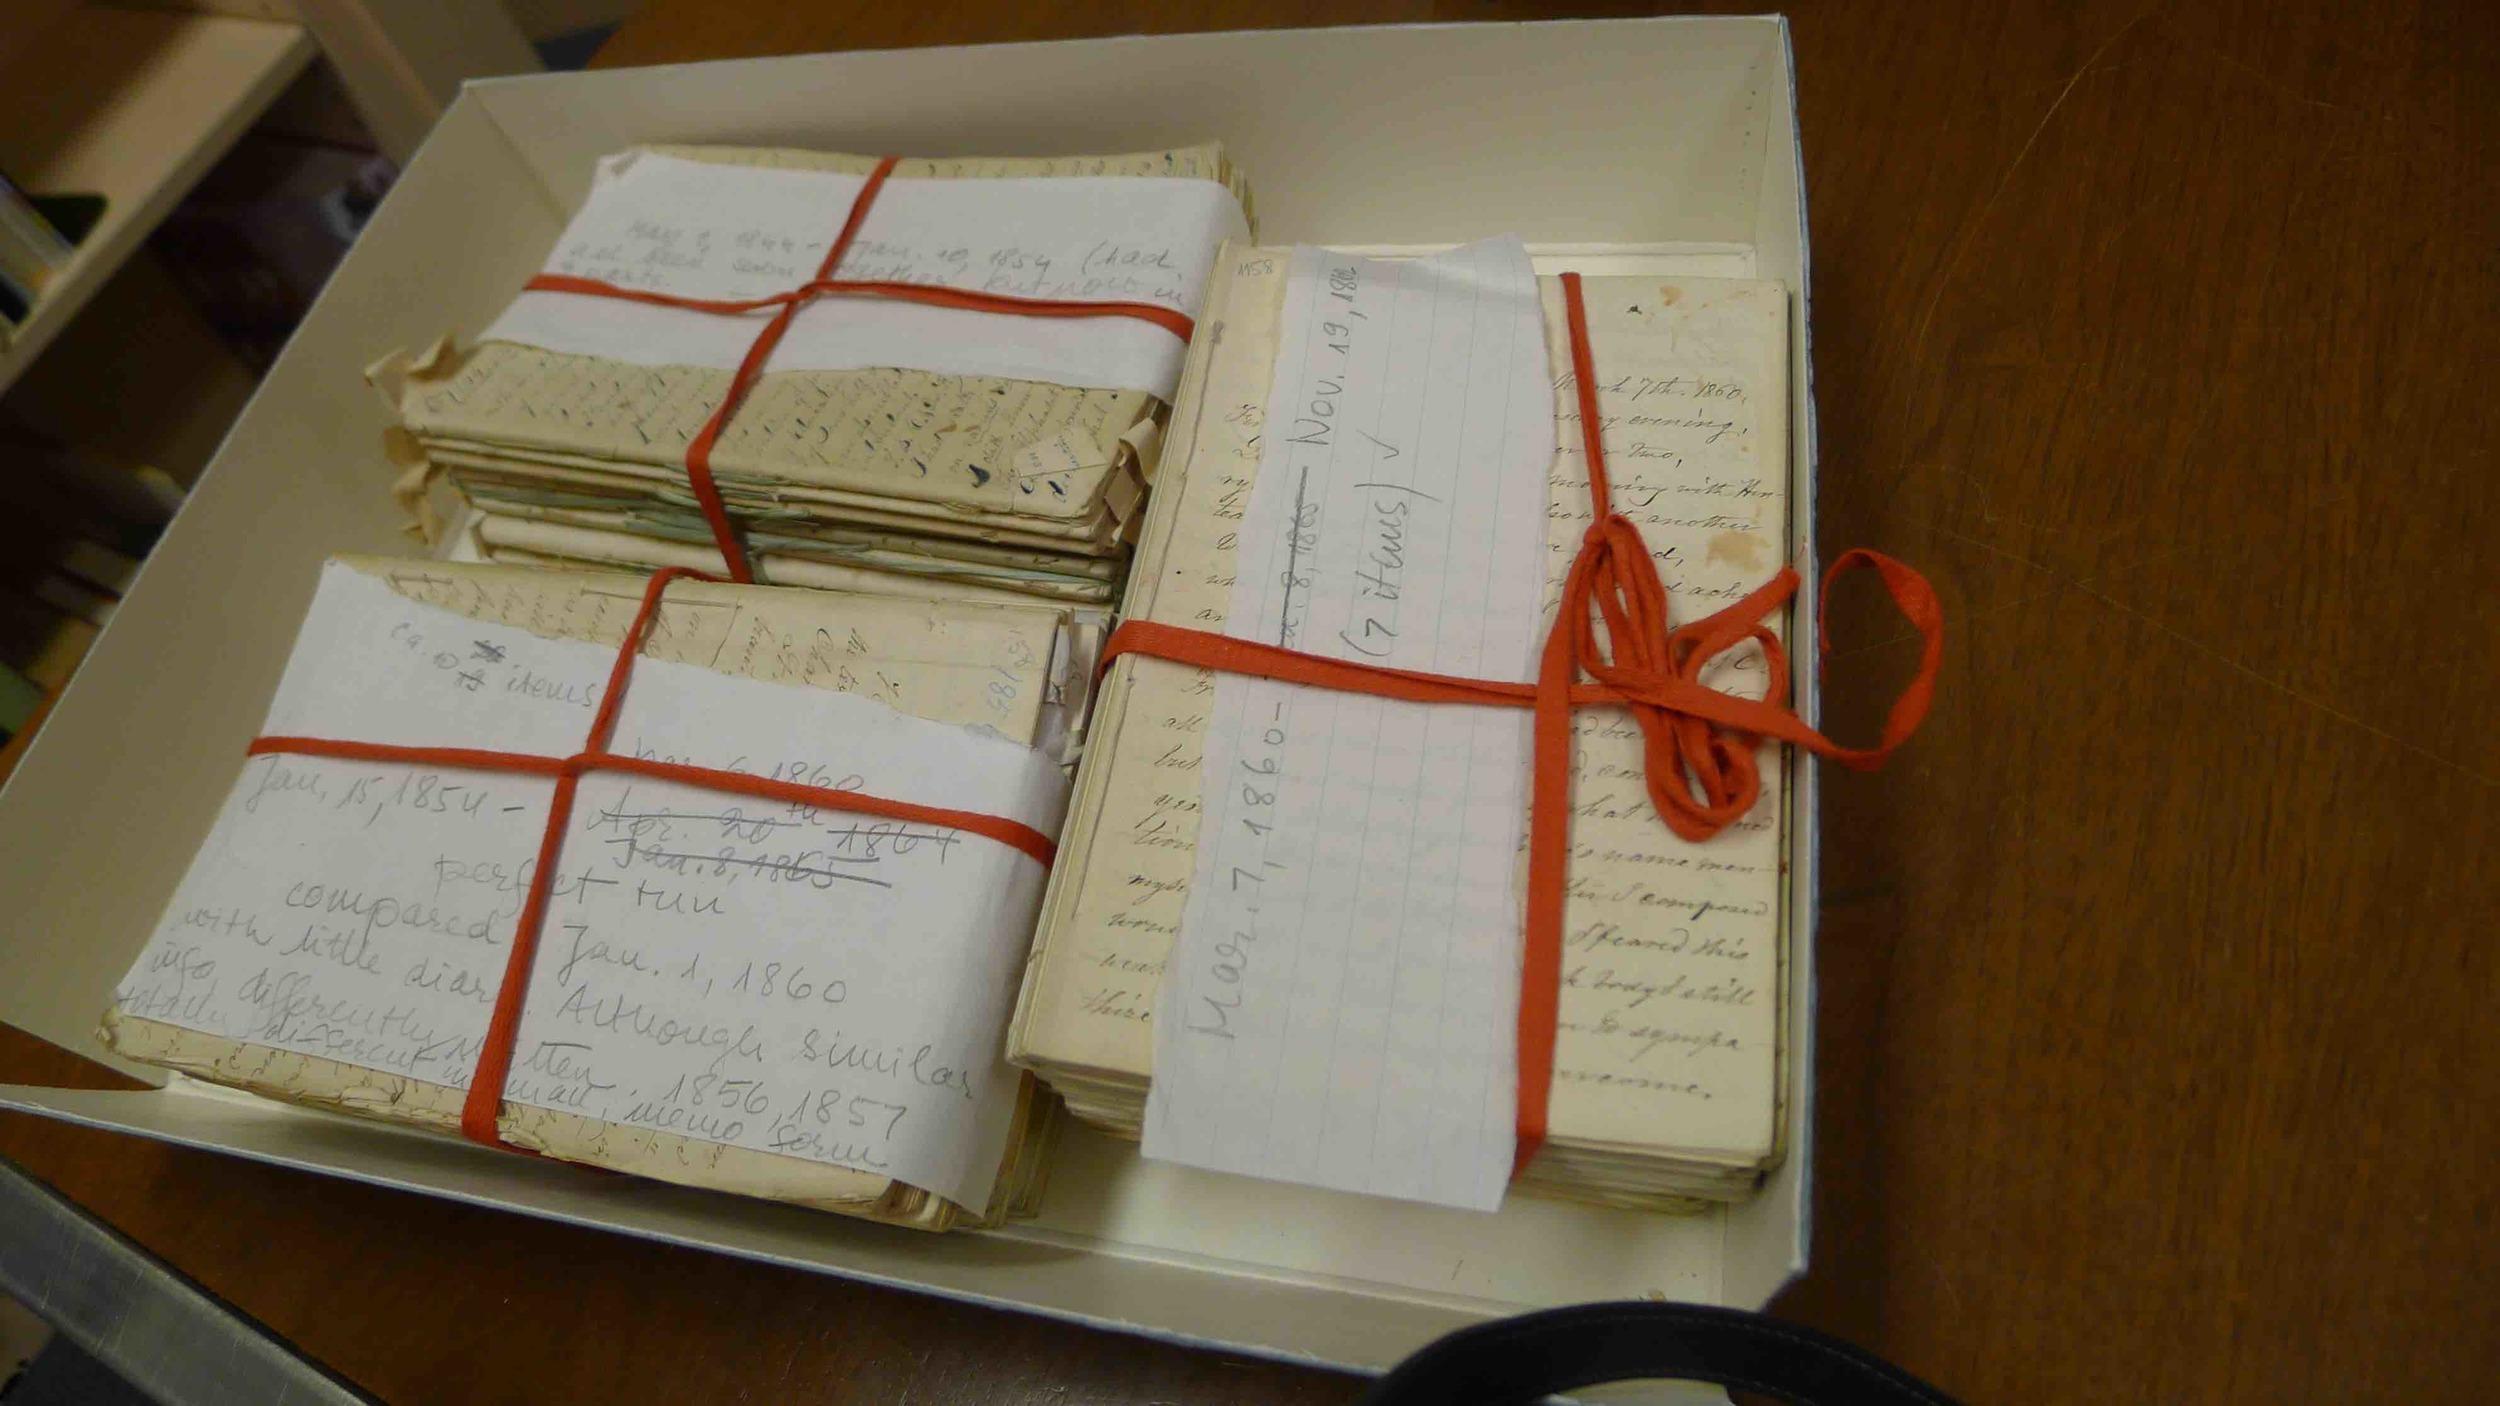 Diary originals, Haverford College, 2012